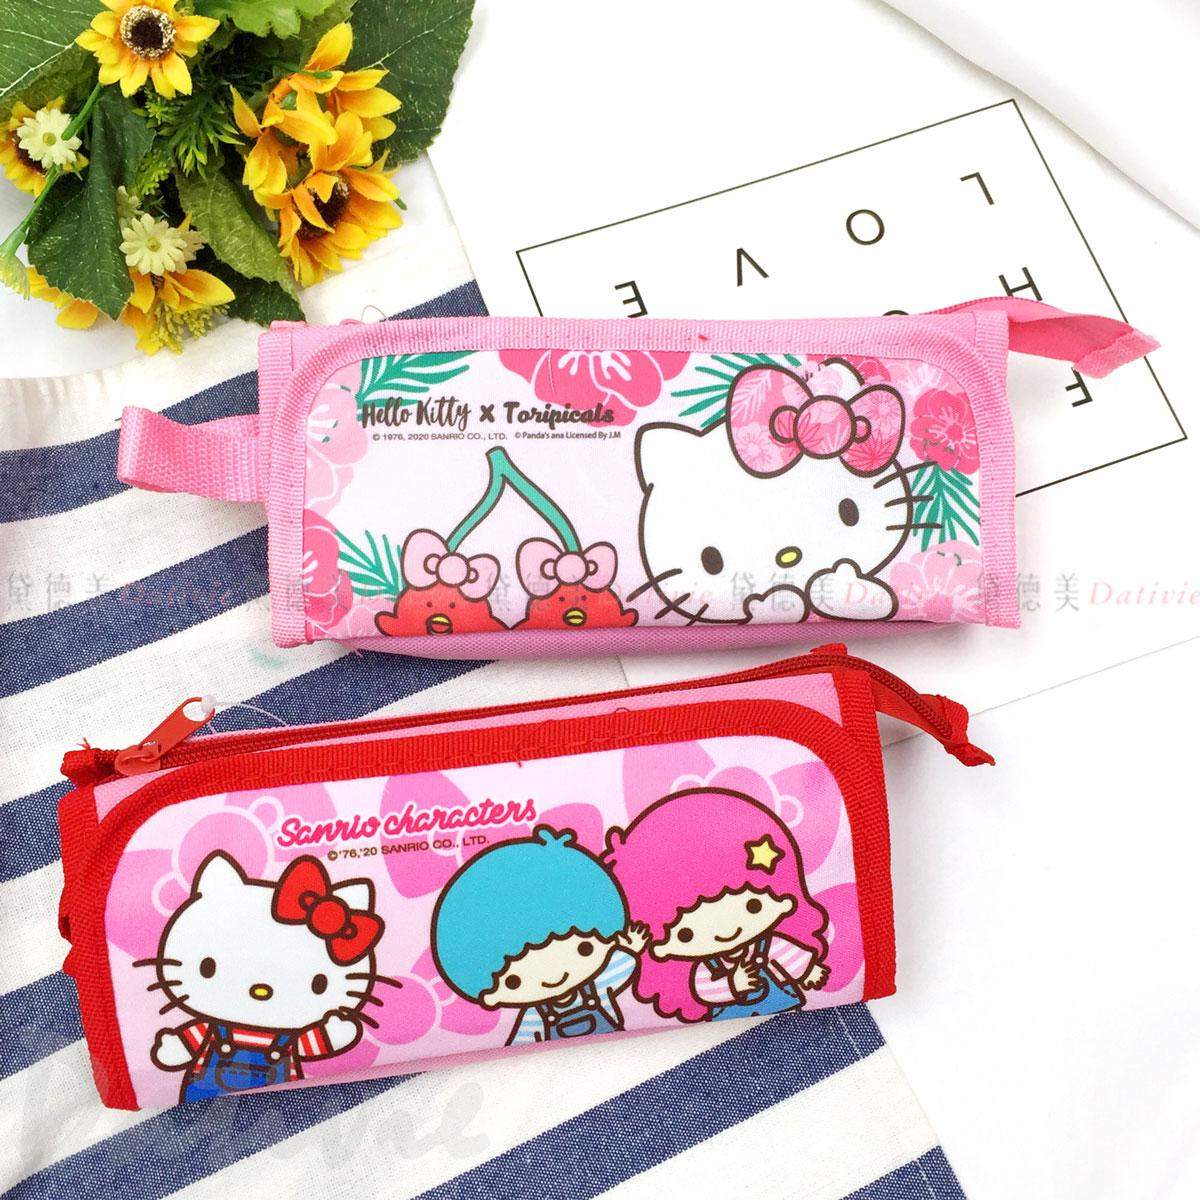 摺疊布筆袋 凱蒂貓 熱帶水果鳥 雙子星HELLOKITTY  正版授權